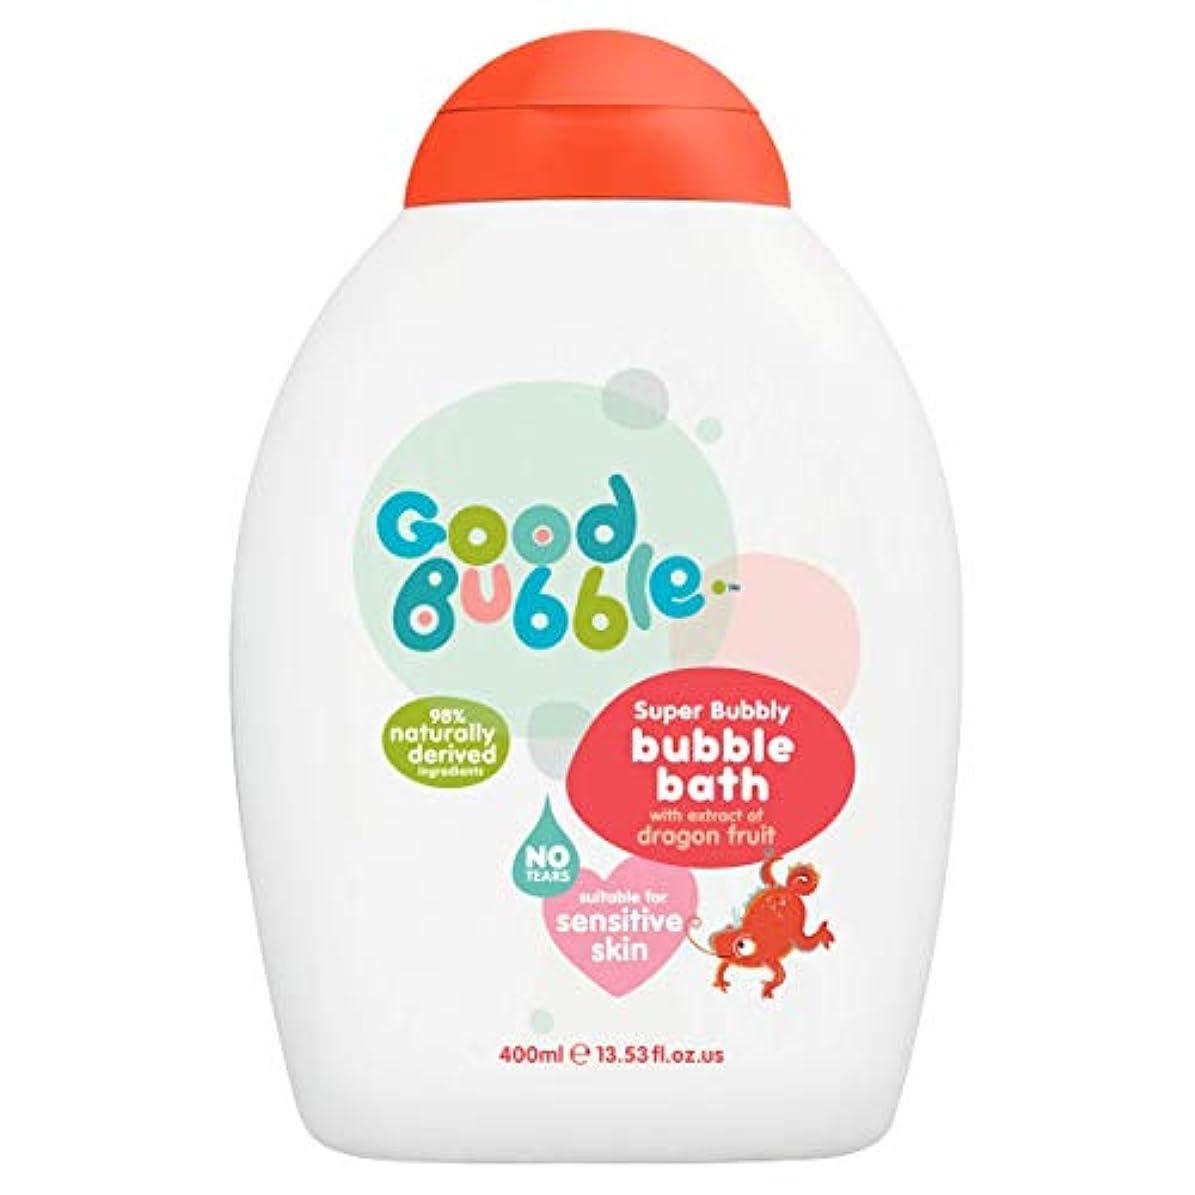 憂鬱な黙認する国民投票Good Bubble - Bubble Bath - Super Bubbly with Dragon Fruit Extract - 400ml